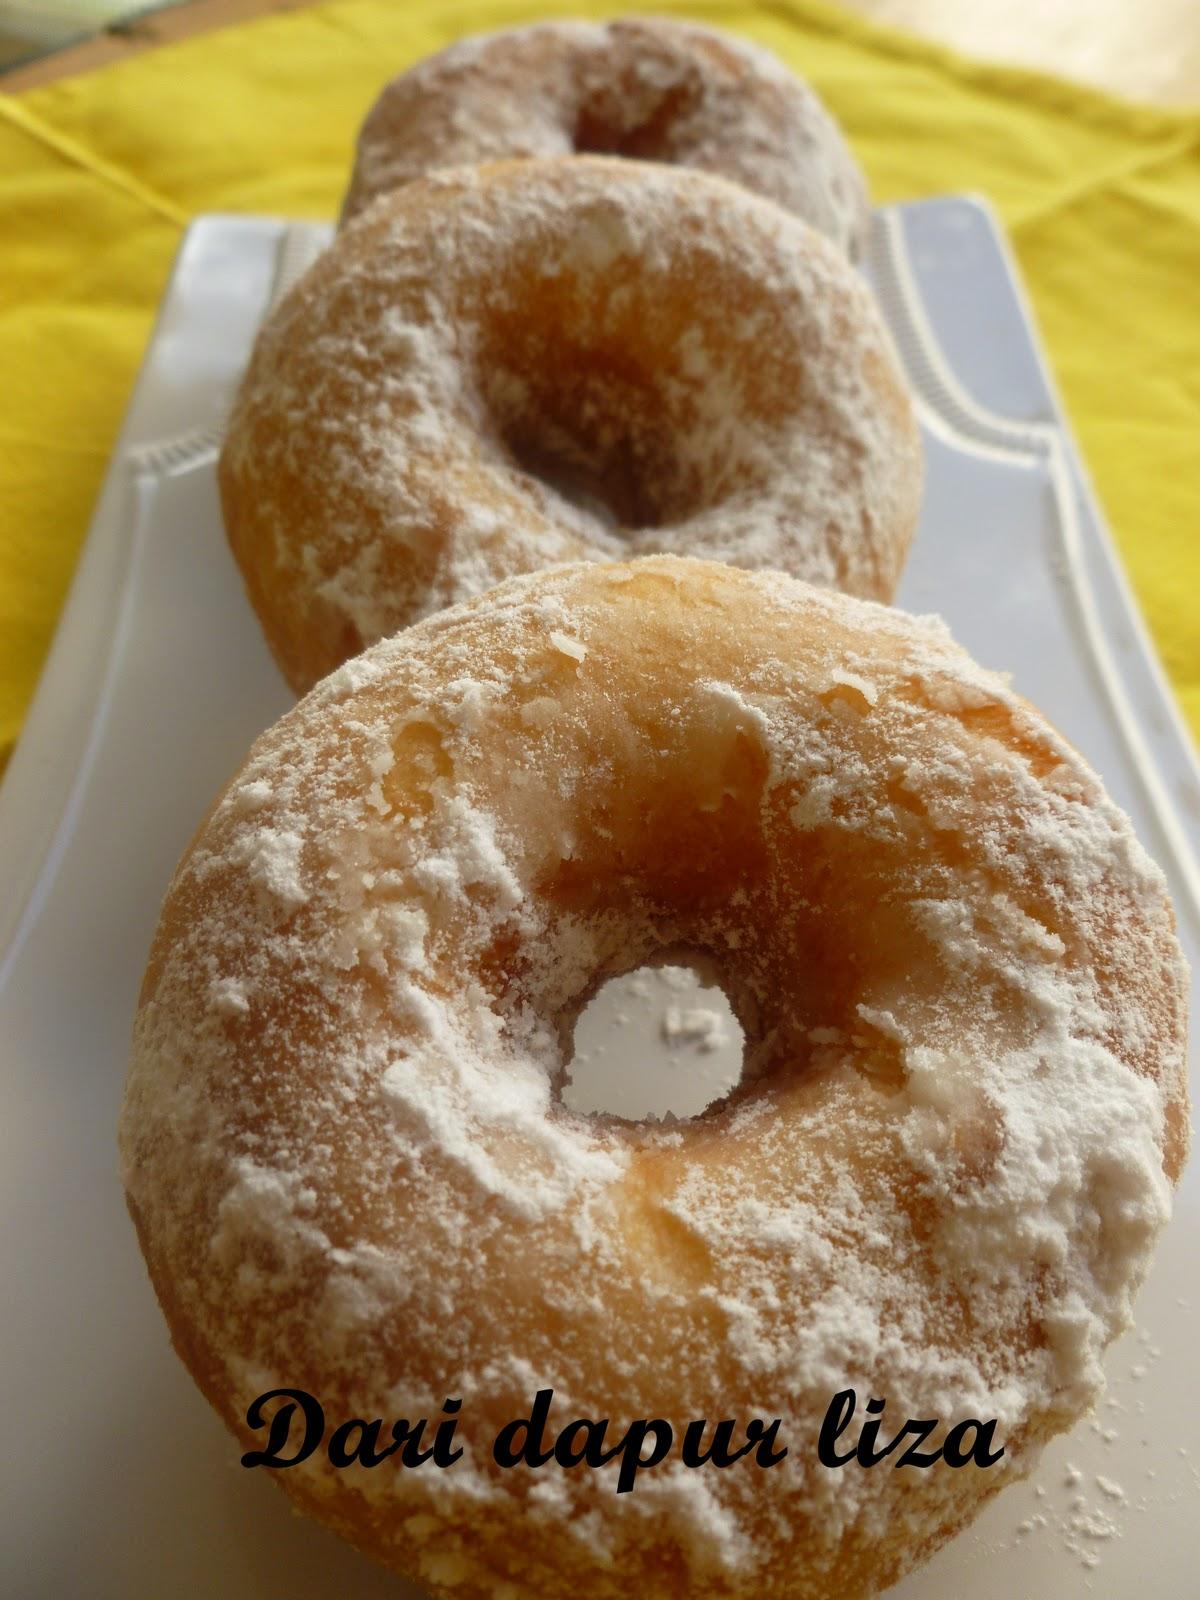 Resepi Wadeh Donut